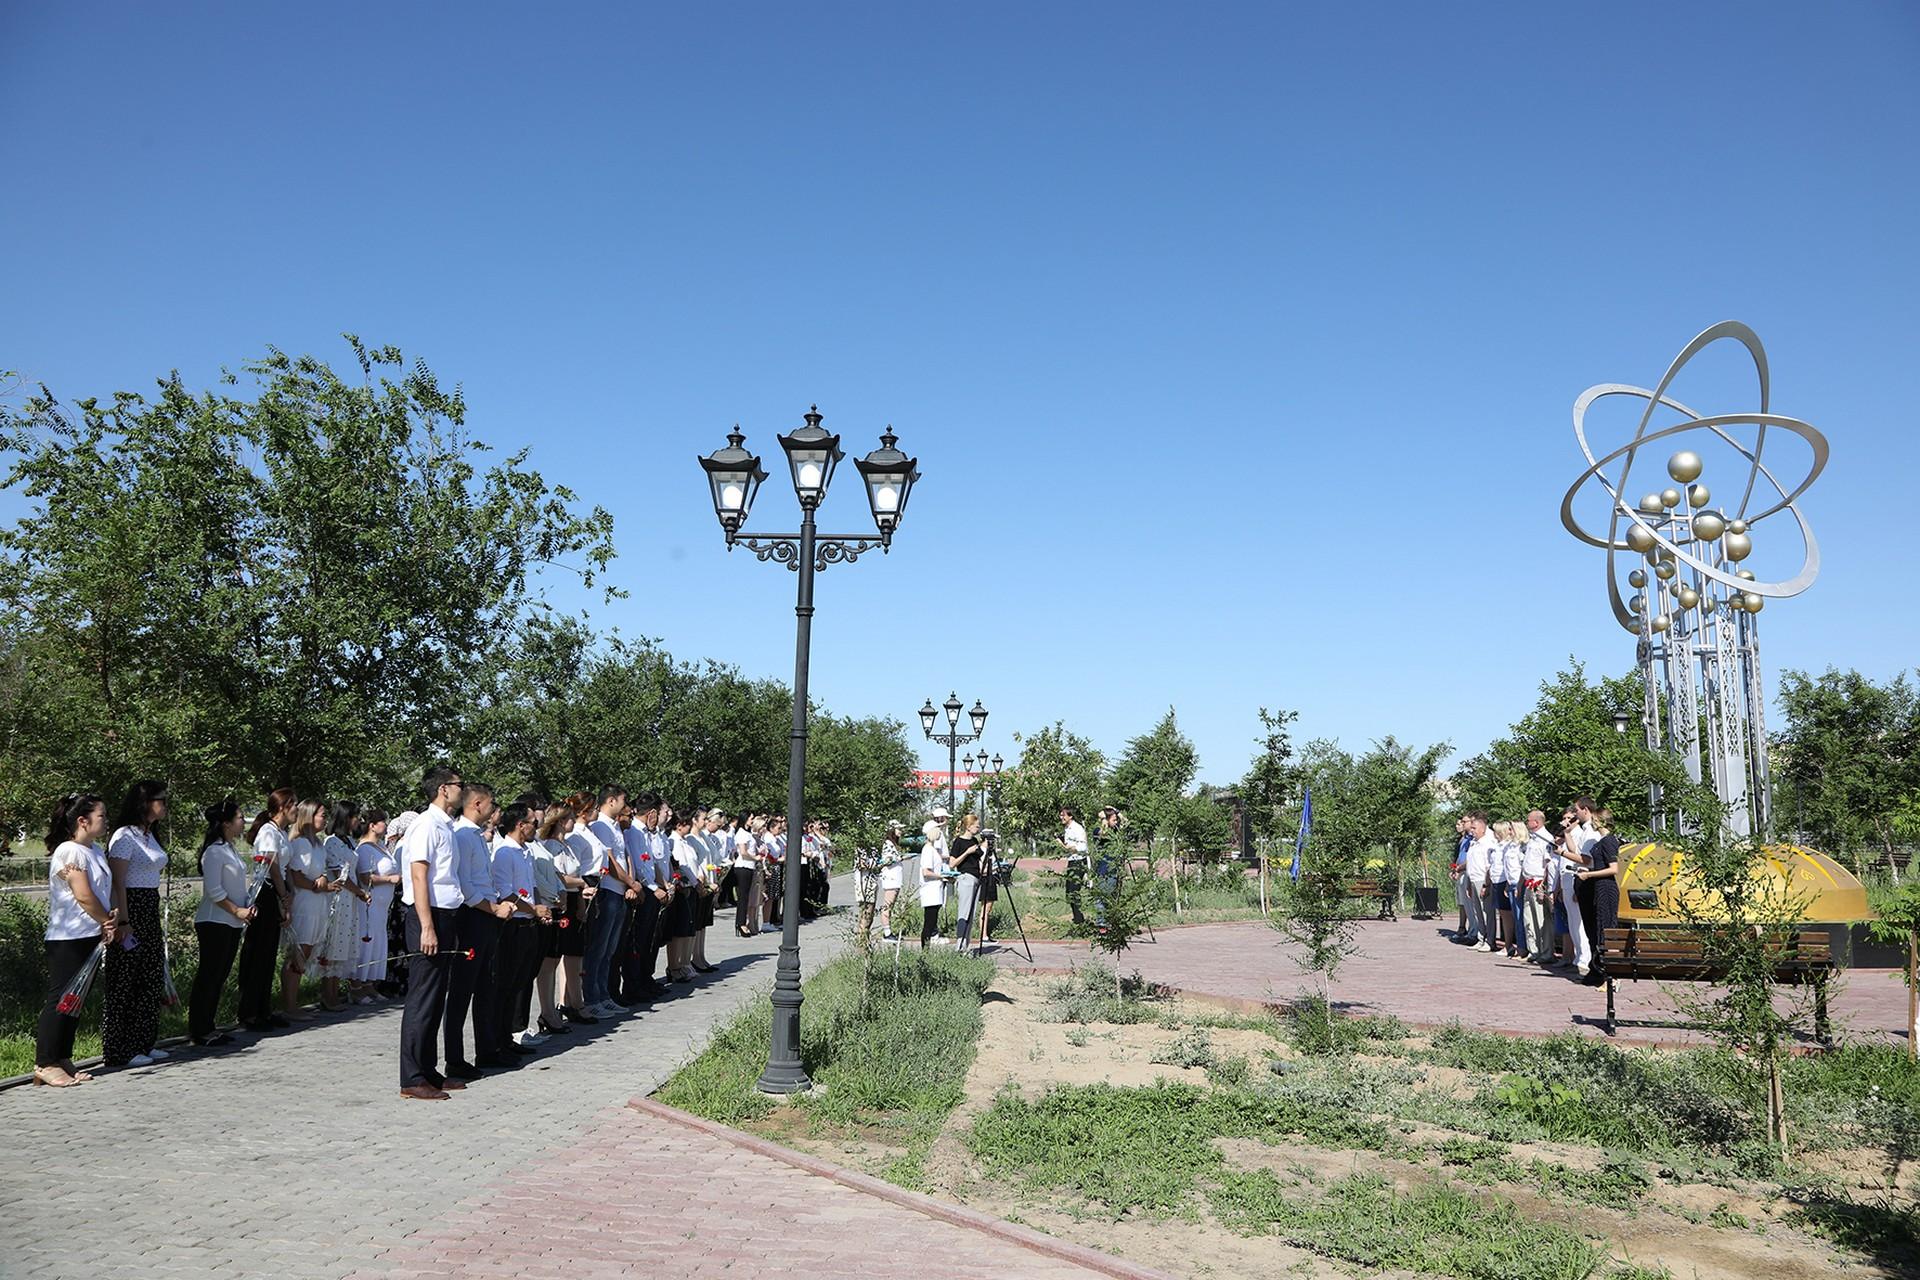 В городе проходят праздничные мероприятия в честь 66-летия со дня рождения Байконура